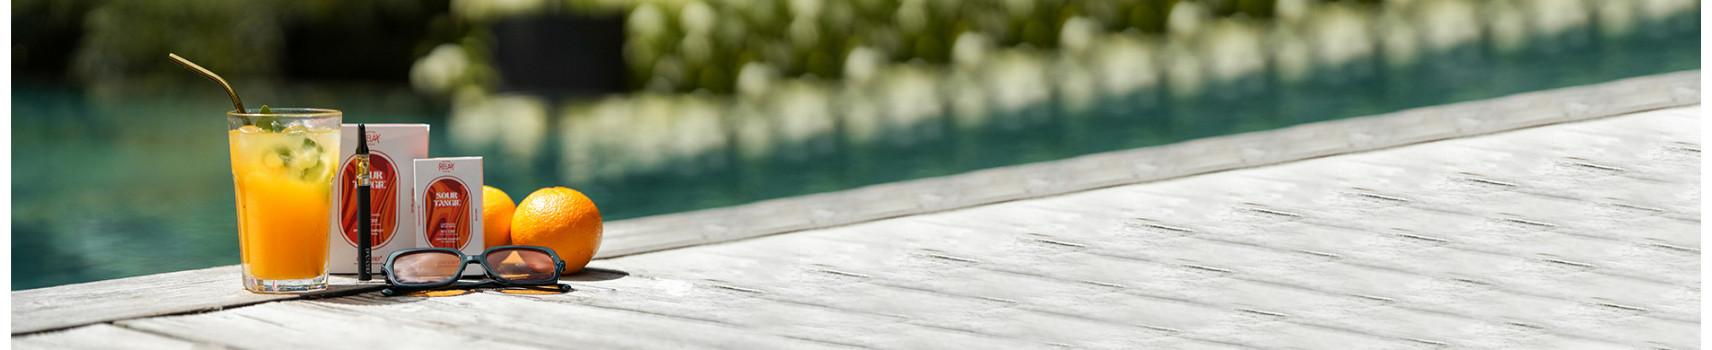 Achat en ligne de Cartouches CBD ou Cartouches d'e-liquides au CBD